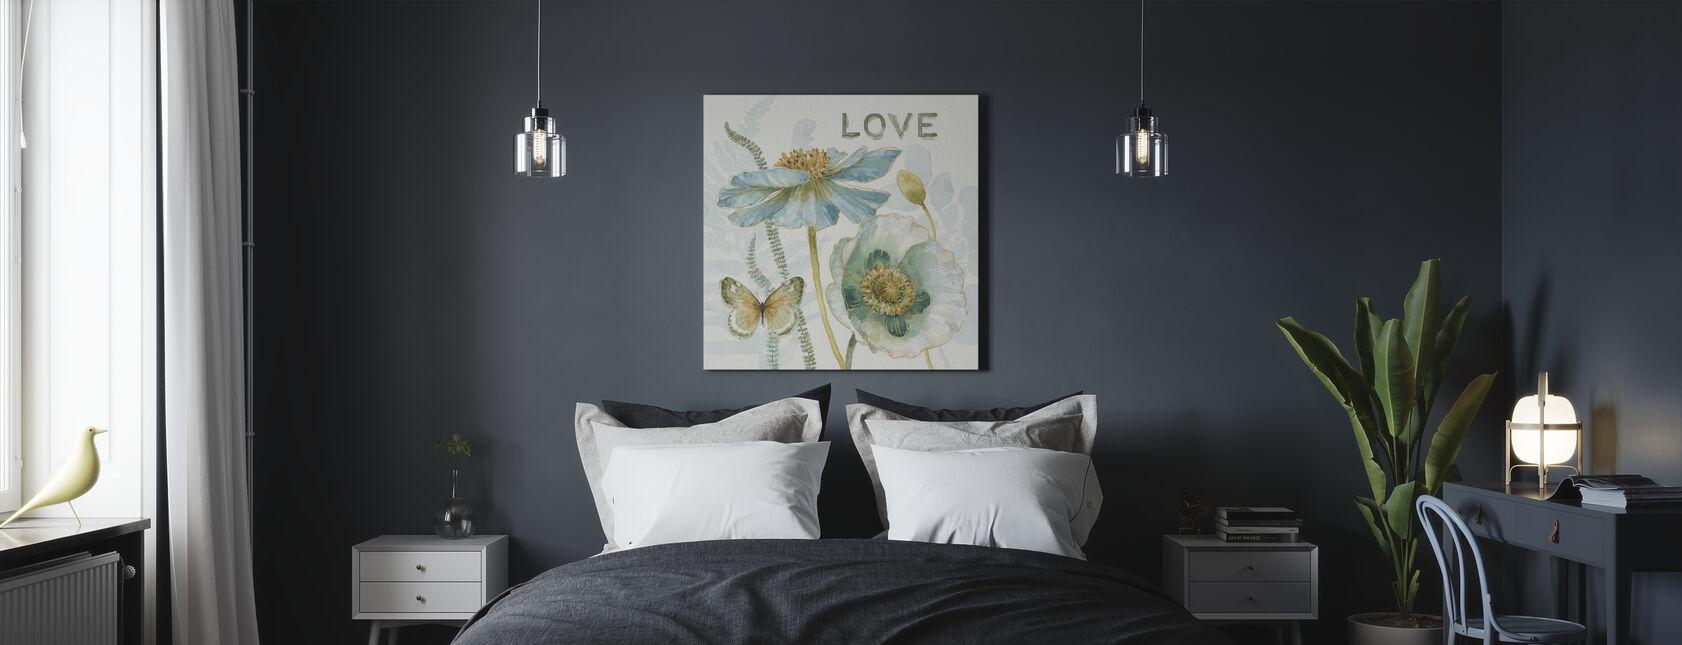 Mein Gewächshaus Blumen - Liebe - Leinwandbild - Schlafzimmer